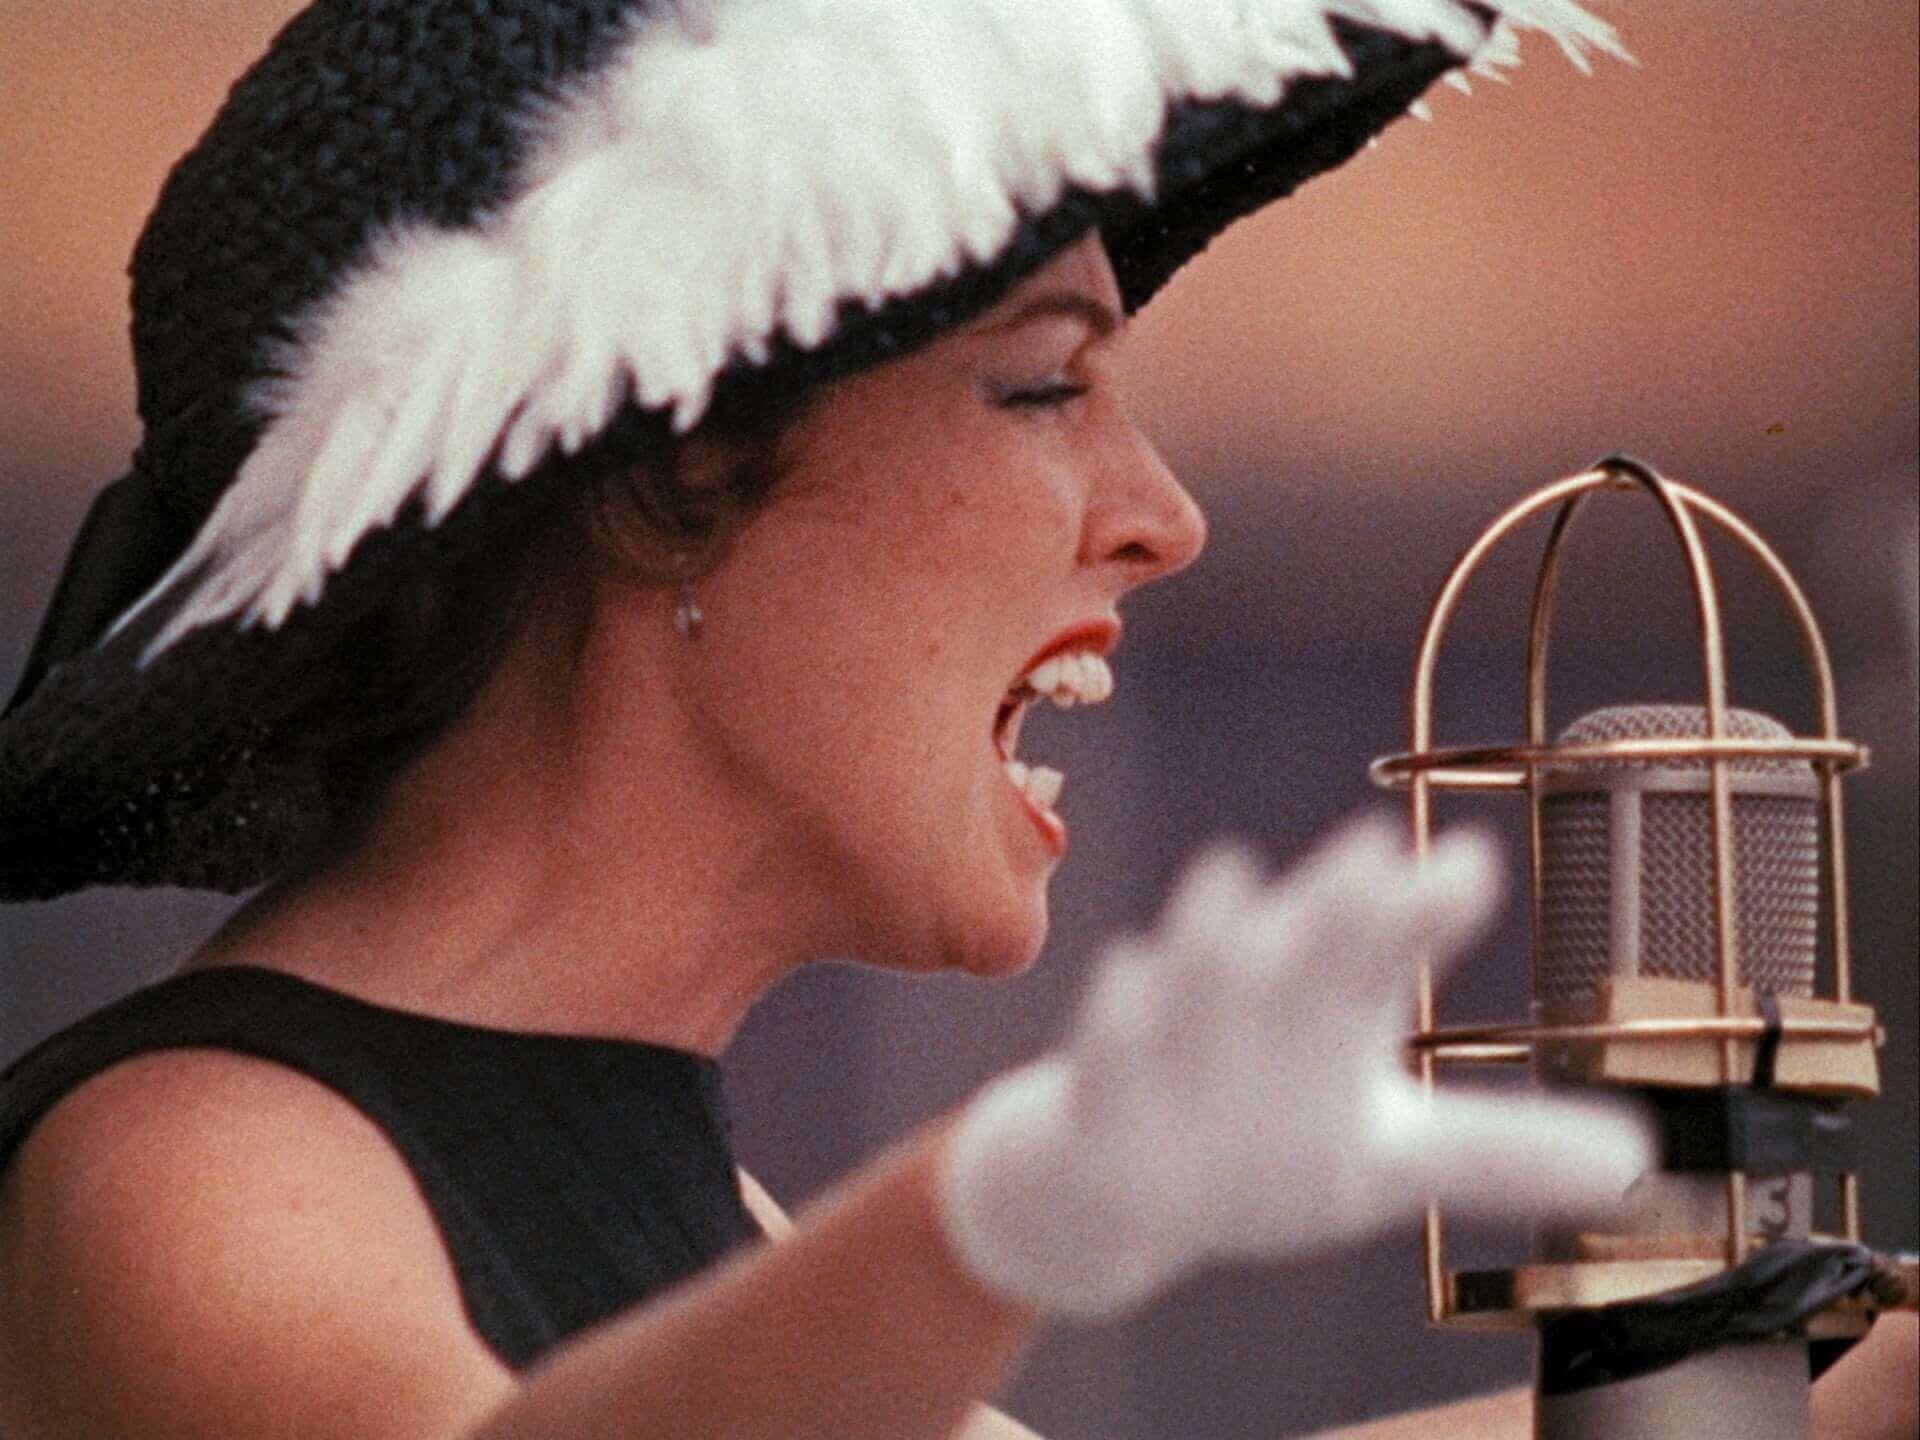 米最大級のフェスを追ったドキュメンタリー『真夏の夜のジャズ 4K』のビジュアルが4枚同時公開!1959年公開当時のフランス版&プレスブックの表紙も film200808_jazz4k_5-1920x1440